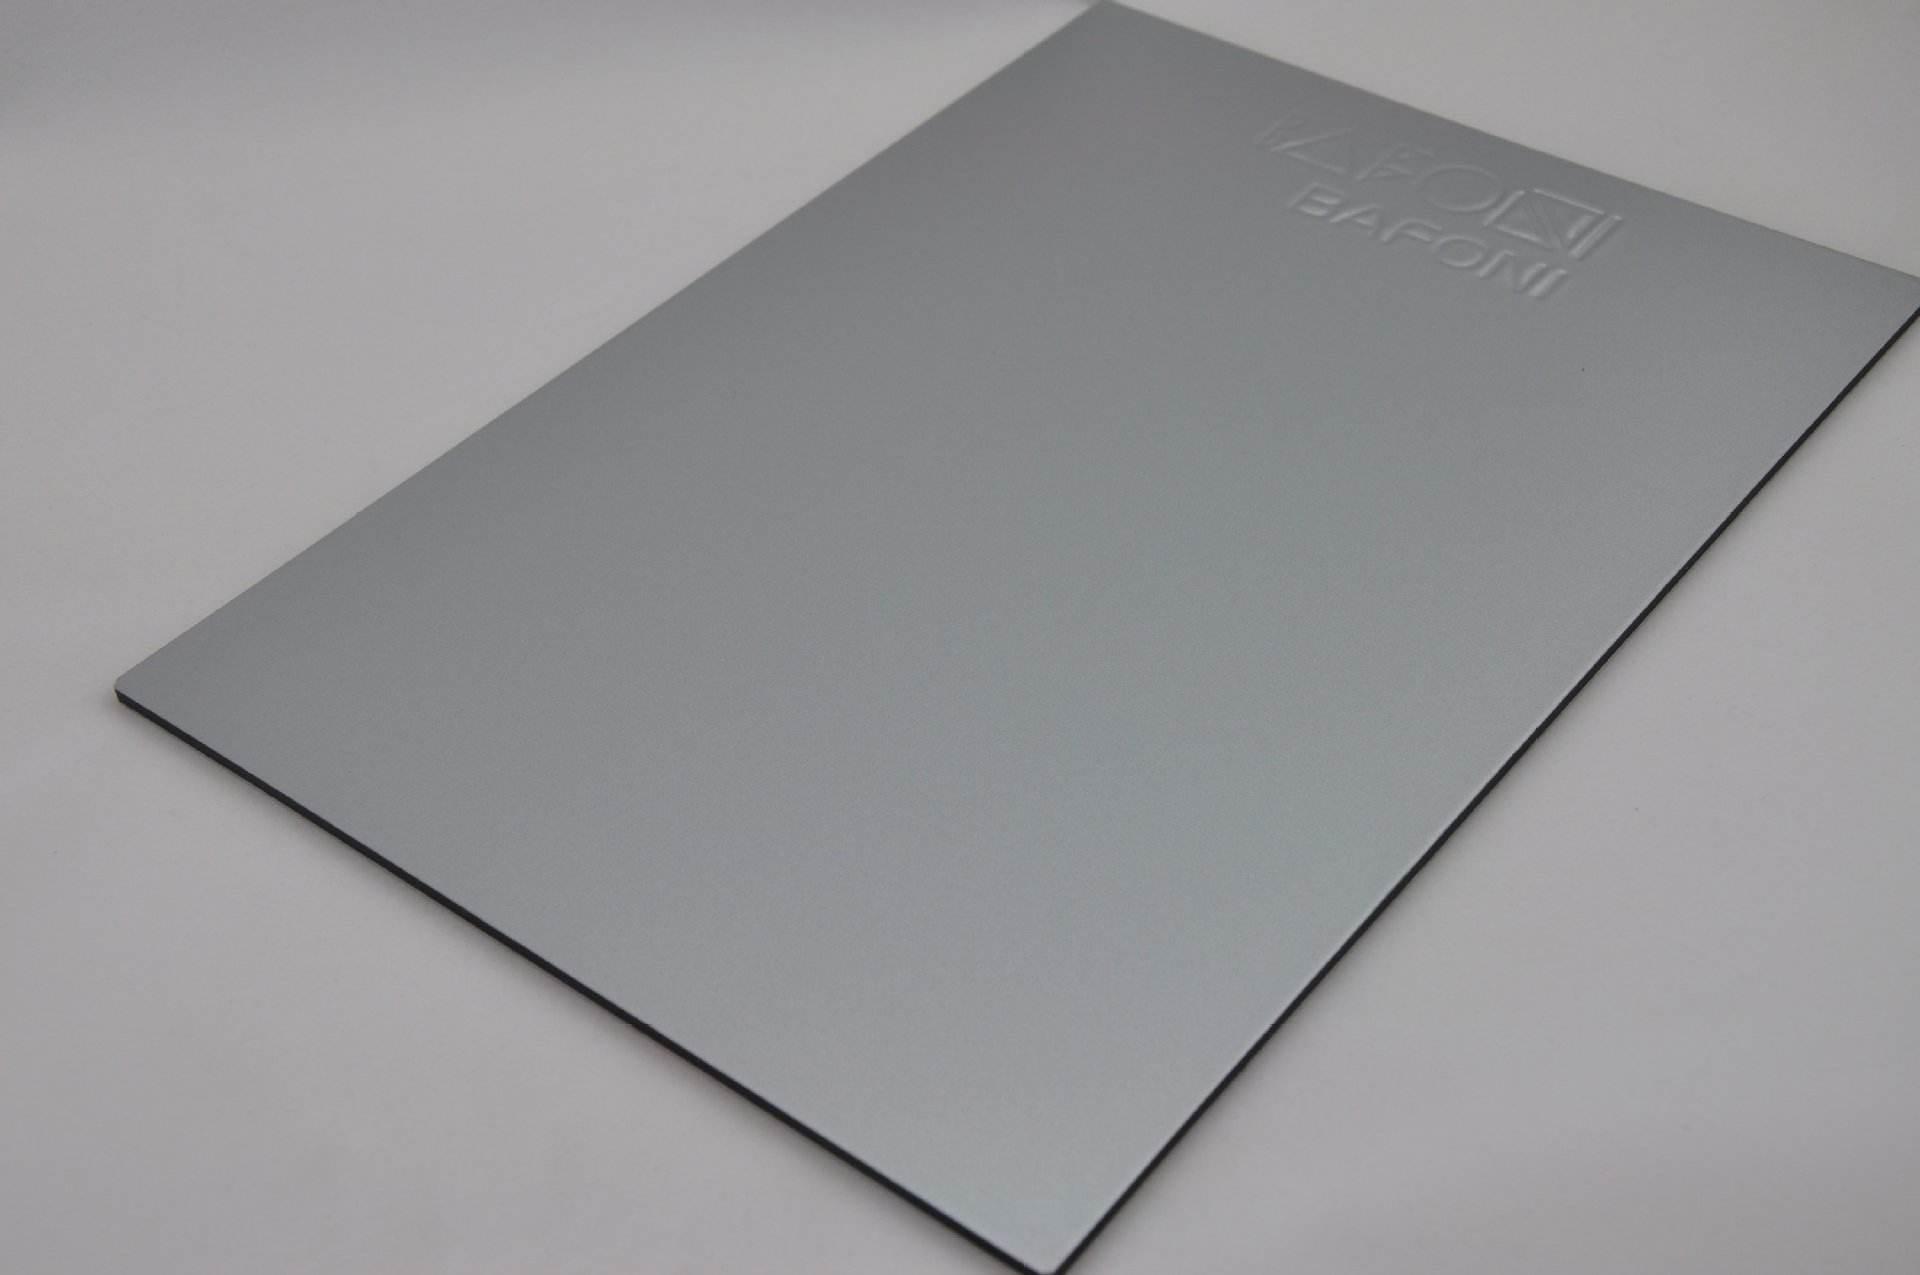 铝塑板用途是什么?跟铝单板有什么区别